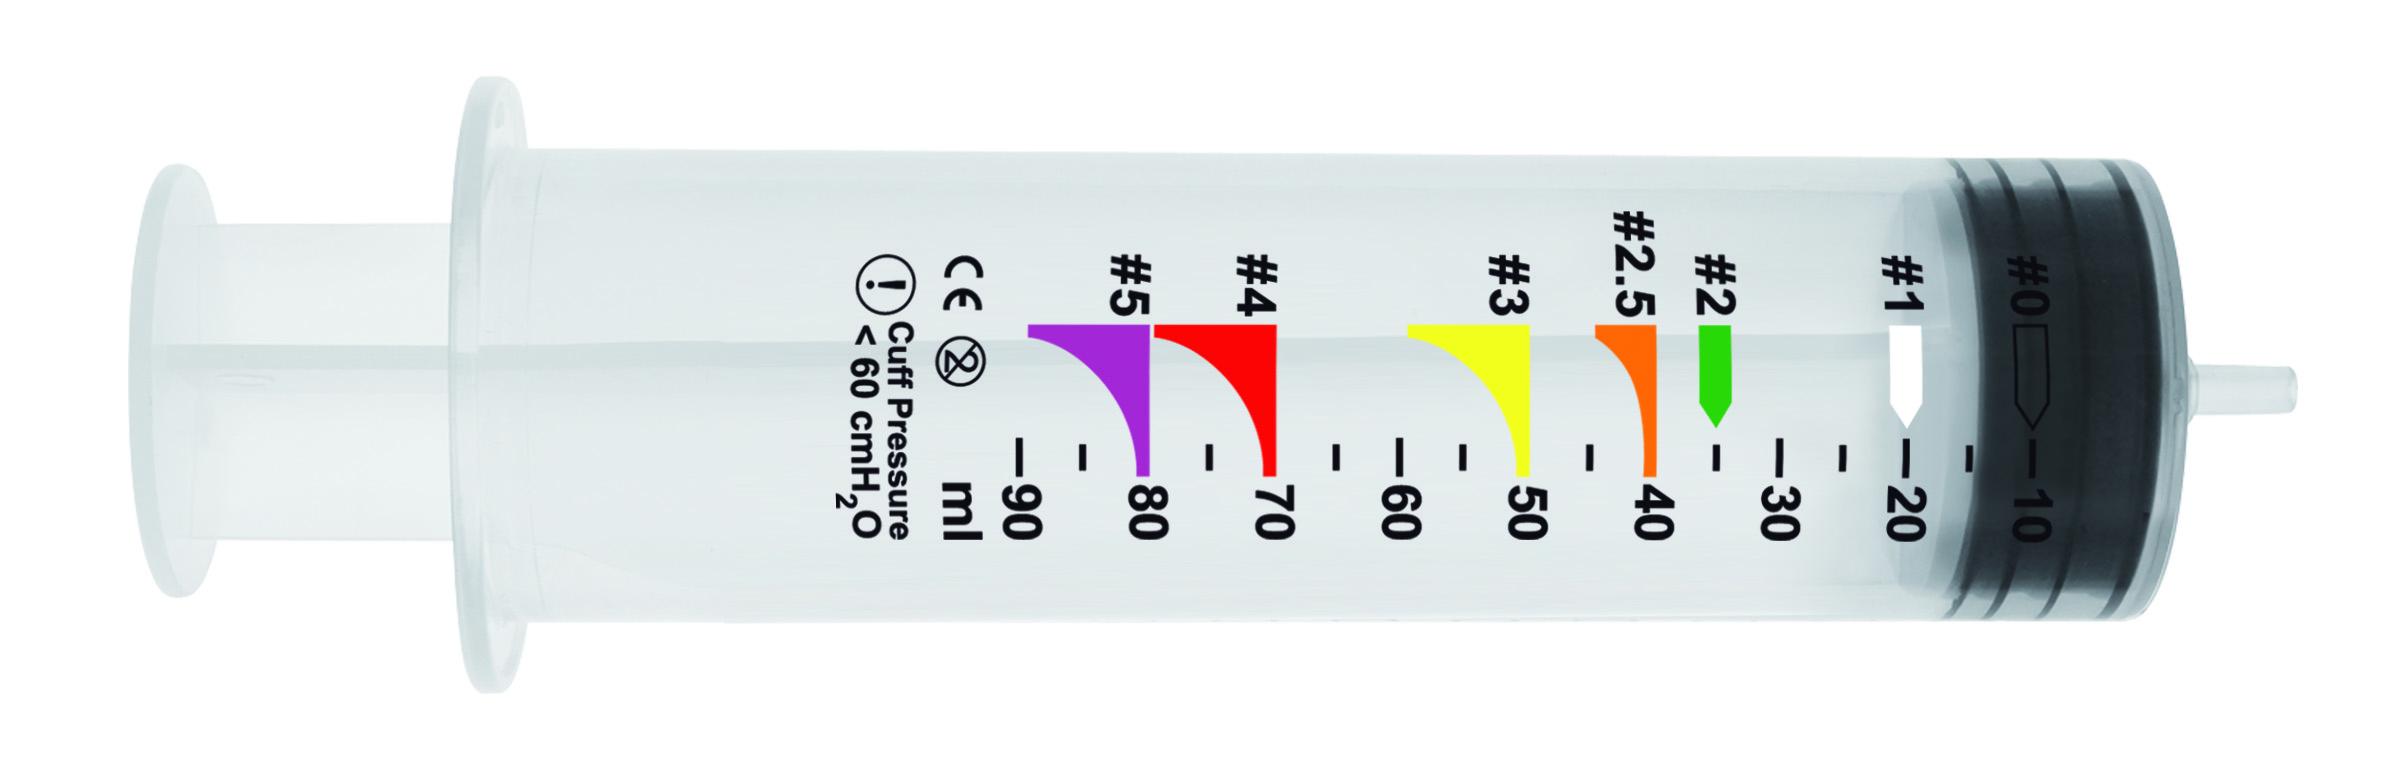 Blockerspritze für Larynxtuben, 100 ml